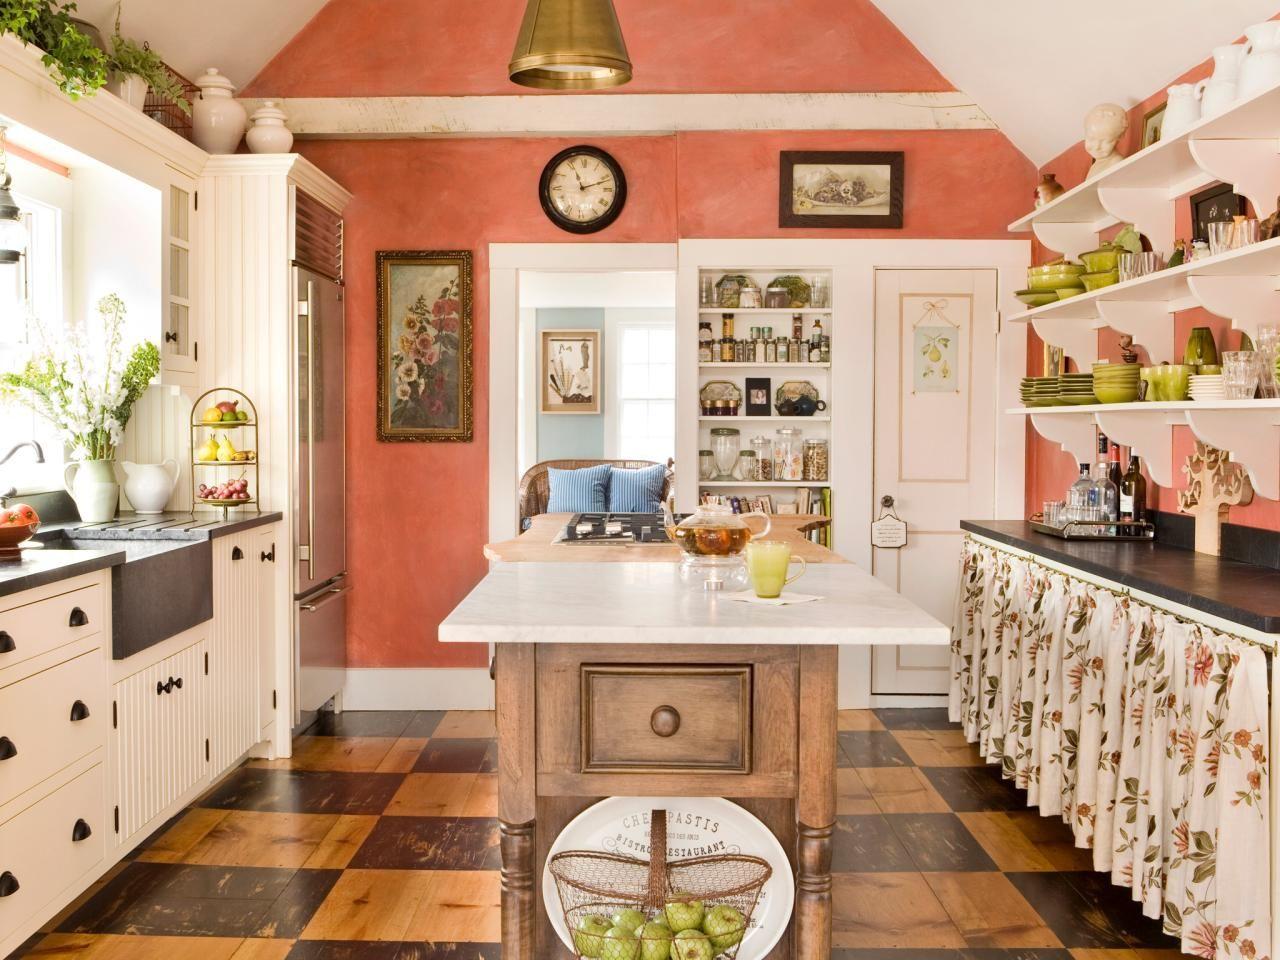 Small Coral Kitchen Decor Ideas Kitchen Design Ideas Coral Kitchen Paint For Kitchen Walls Kitchen Wall Colors